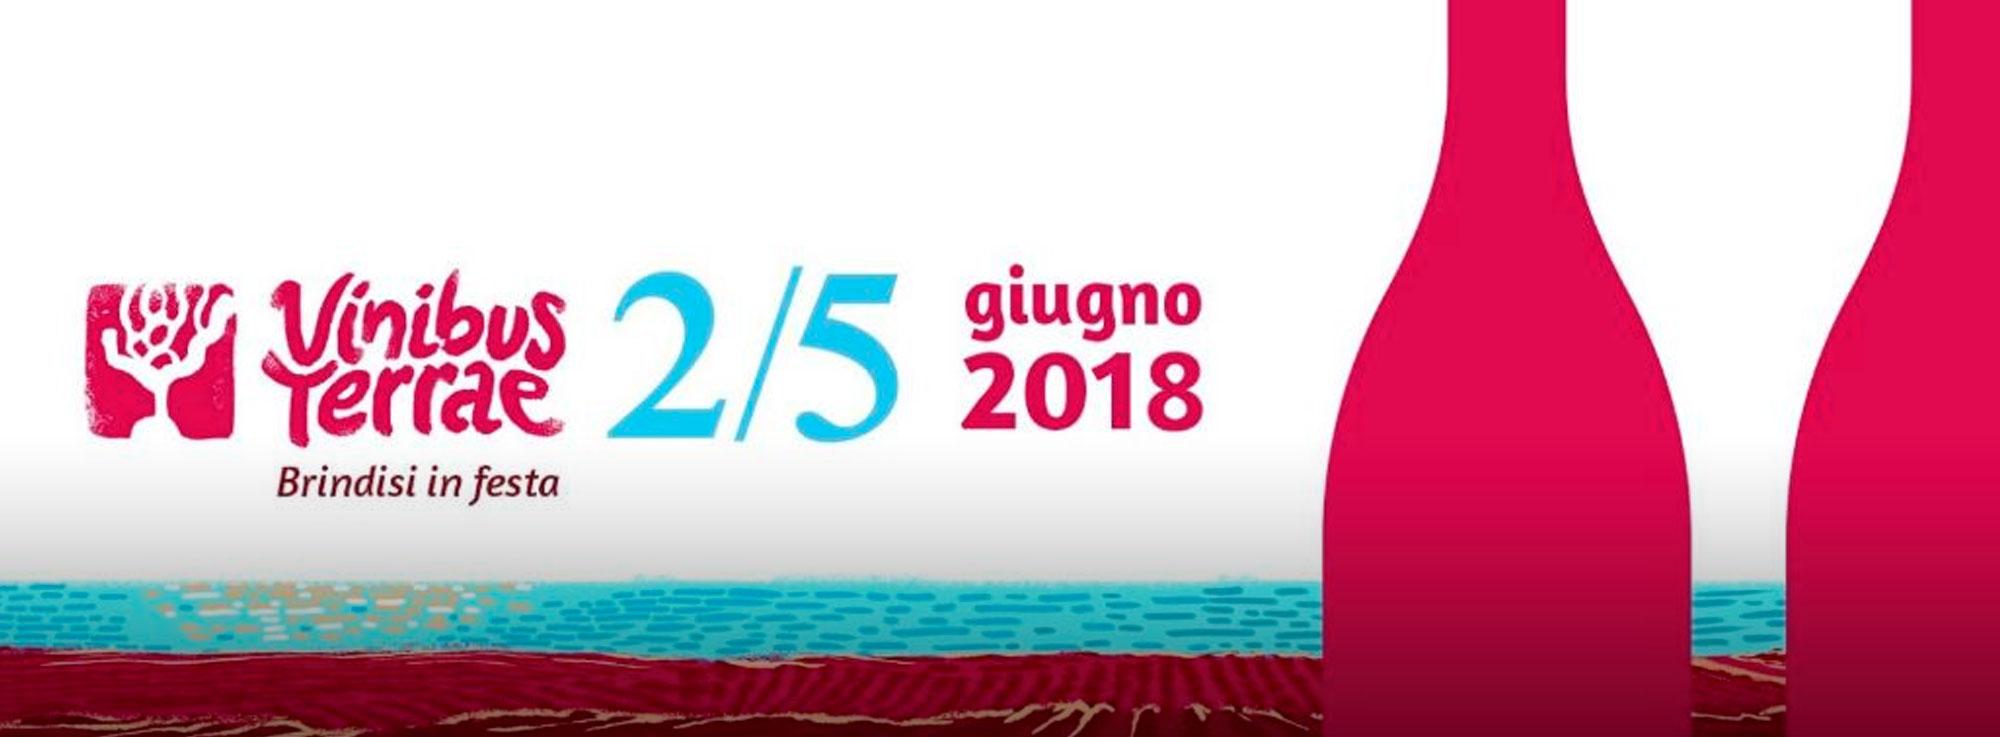 Brindisi: Vinibus Terrae 2018